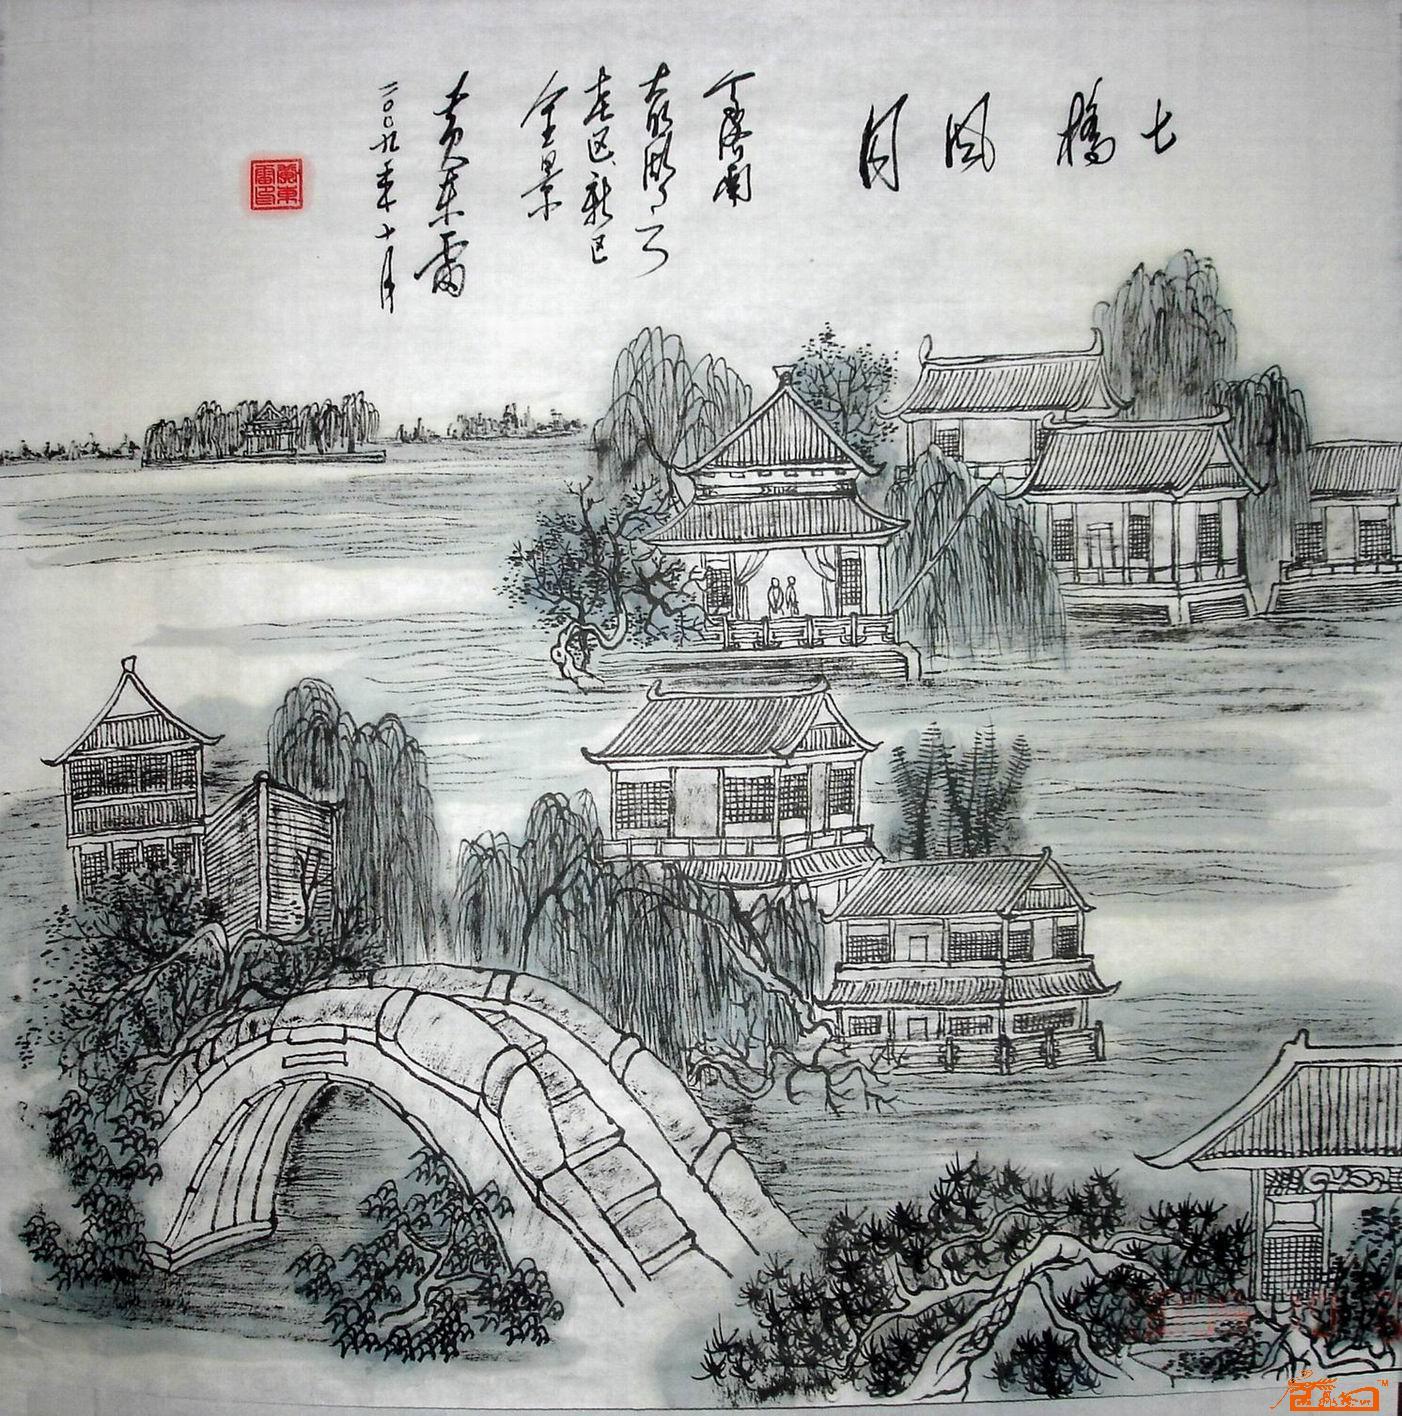 名家 黄东雷(古画王子) 山水 - 济南大明湖系列国画